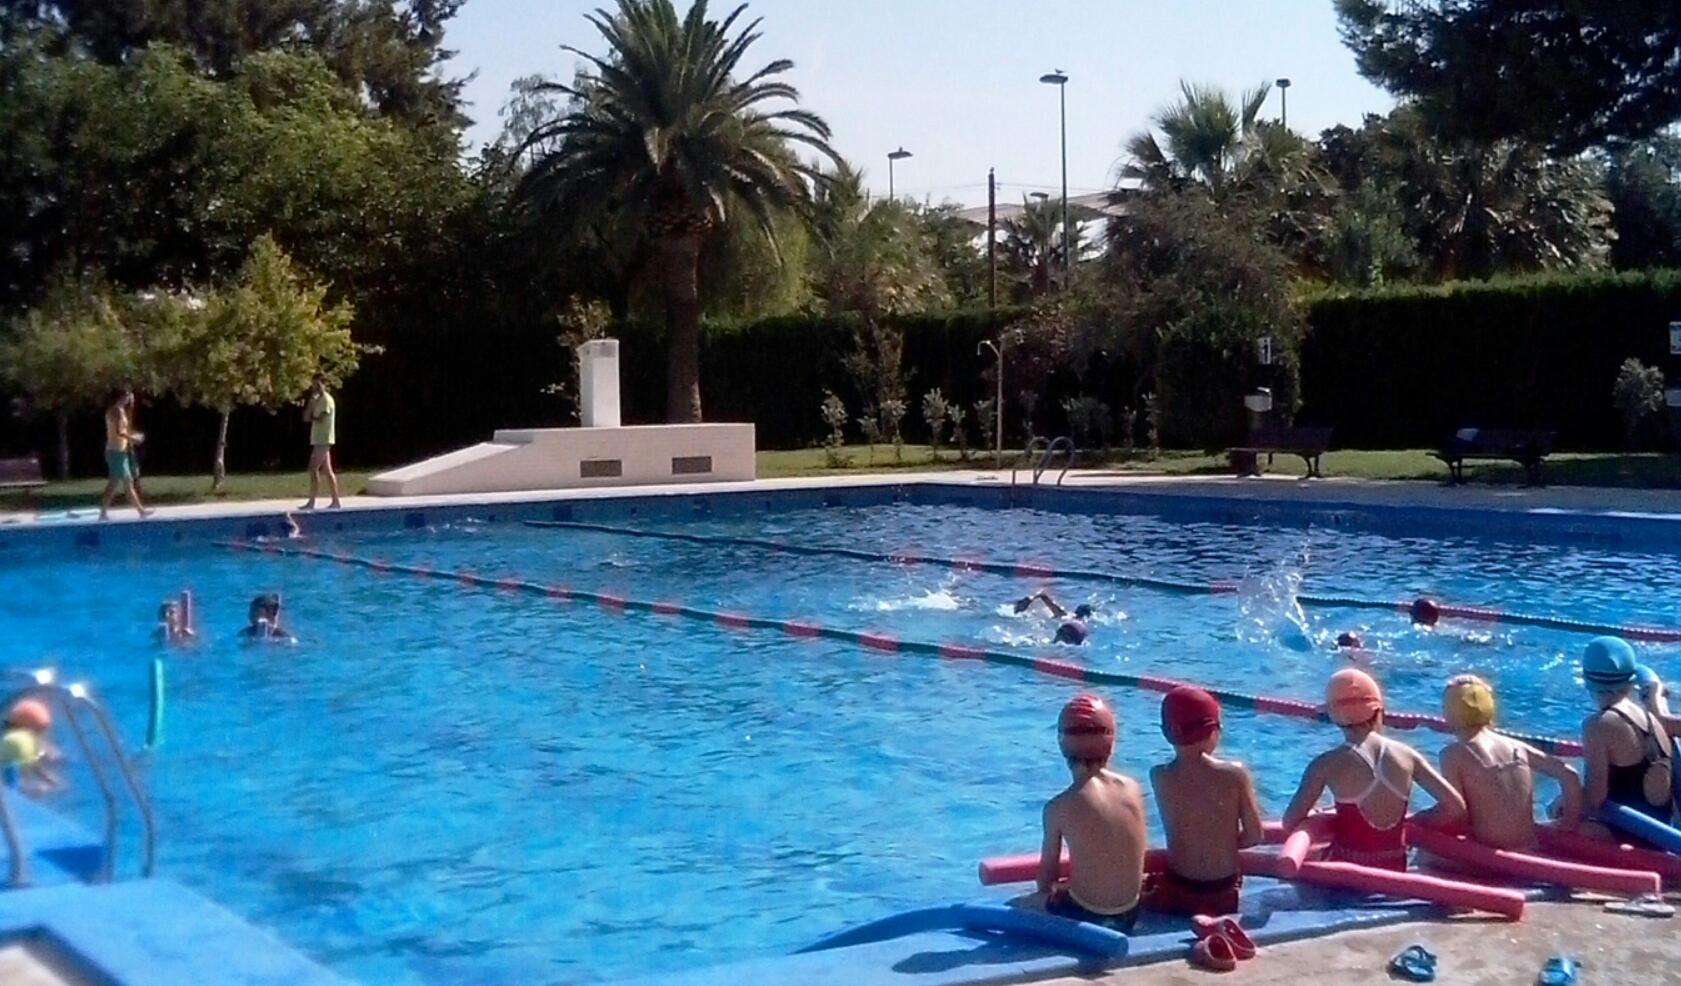 la piscina de verano de xirivella recibe m s de